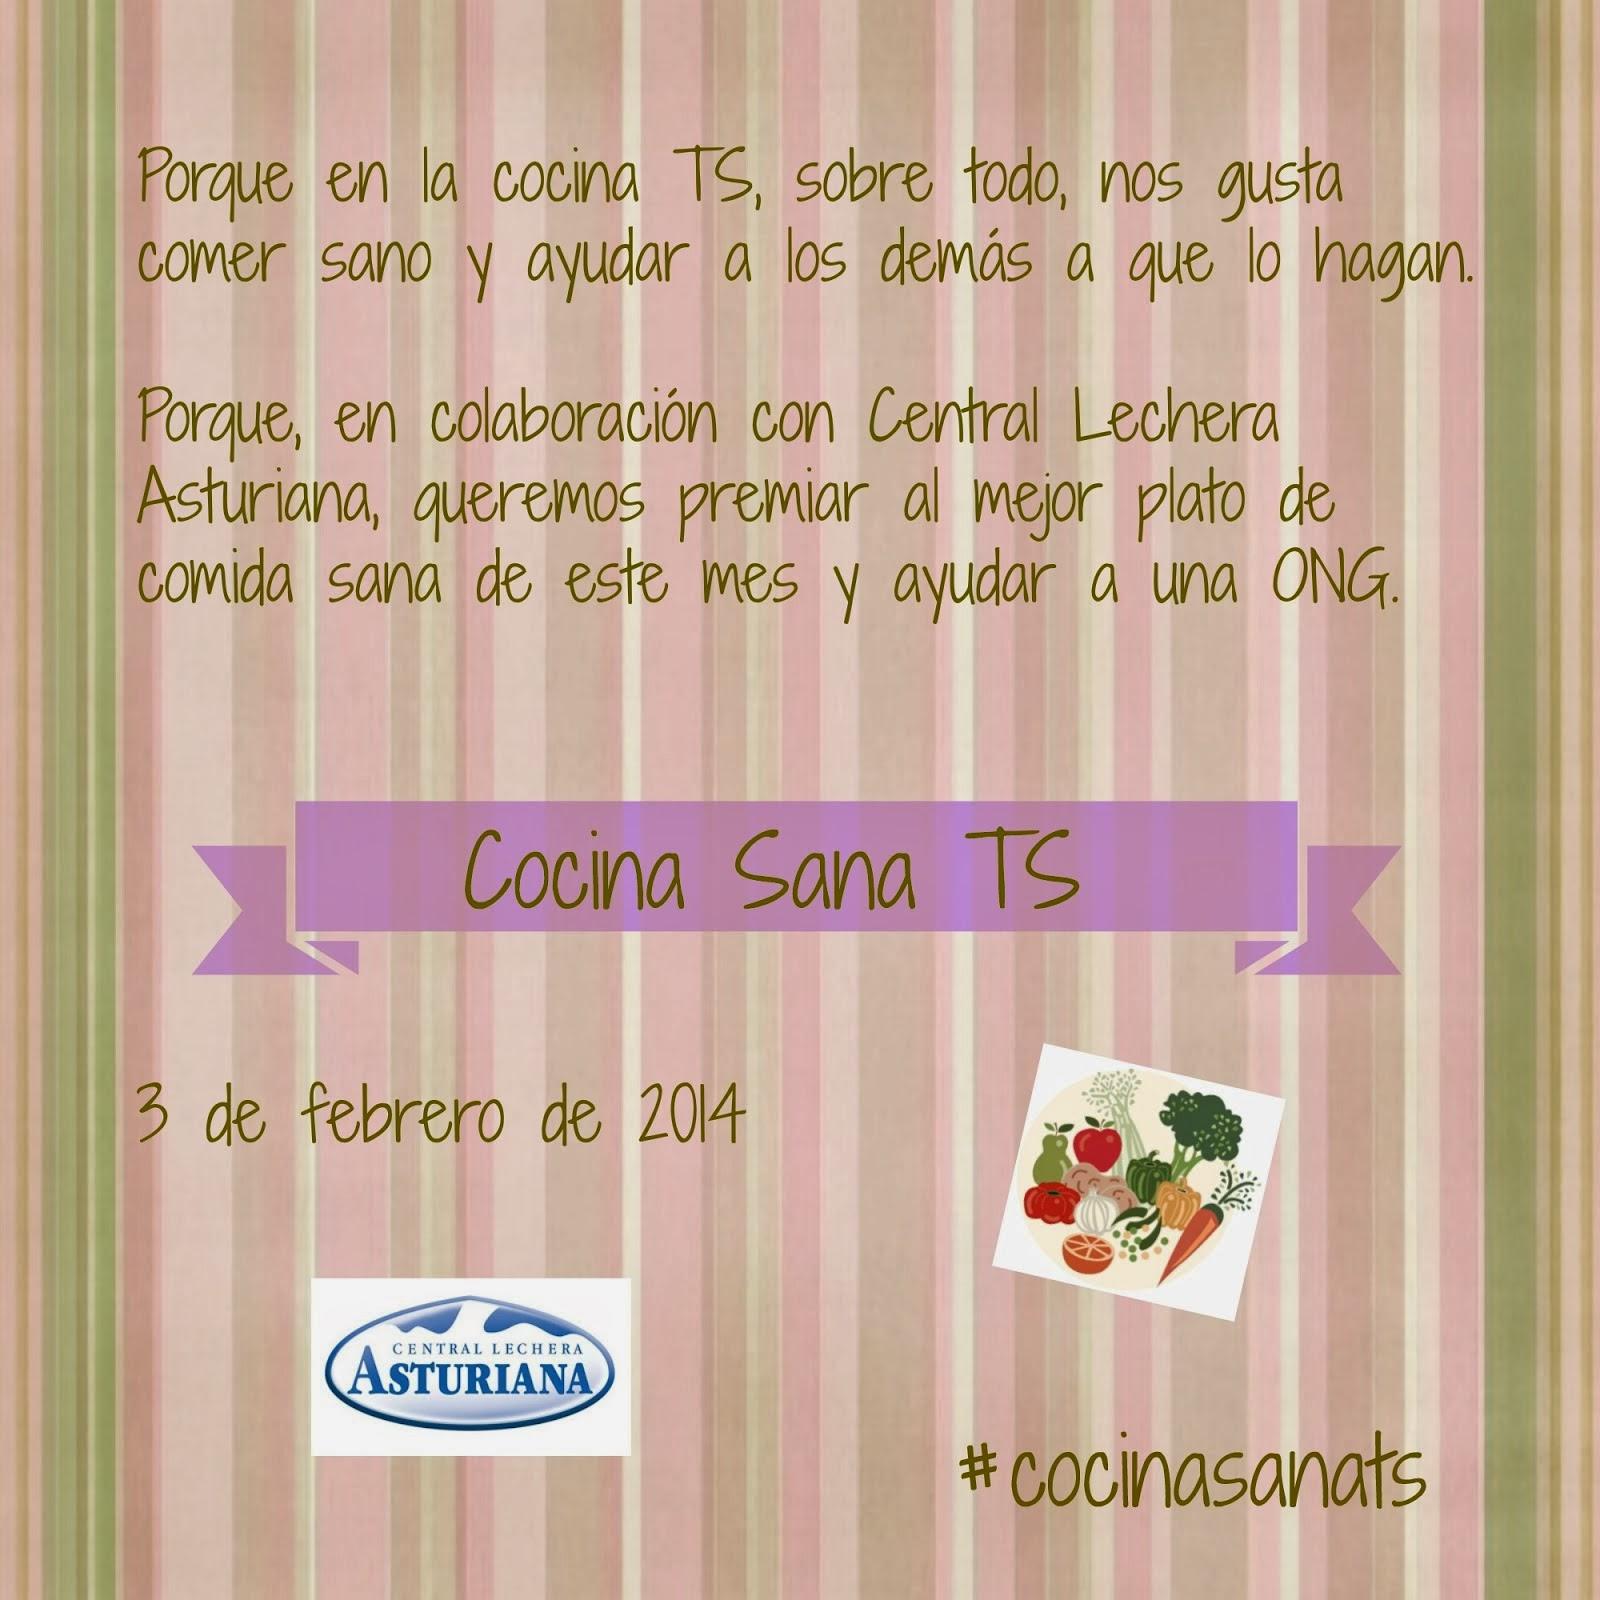 3 de febrero. Cocina Sana y Solidaria TS